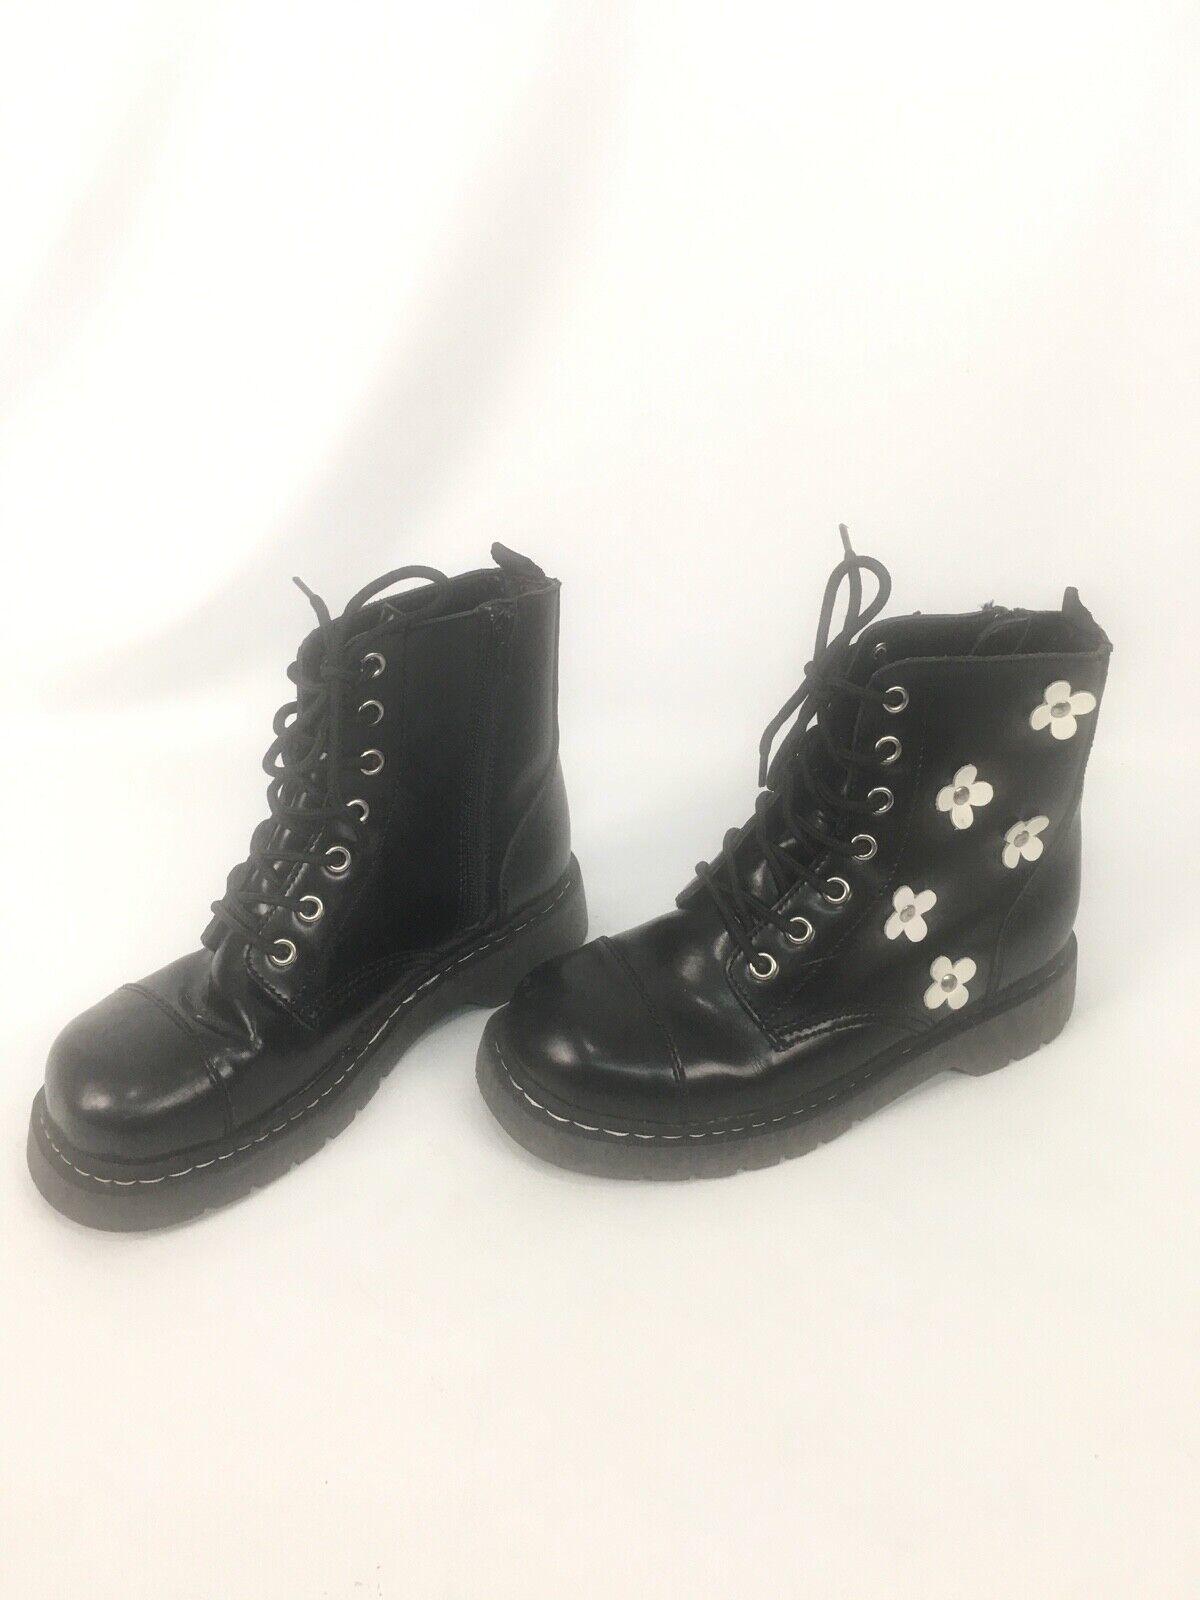 T.U.K. anárquico Original Calzado Para Mujer Flor bota De Combate De Cuero Negro Como Nuevo